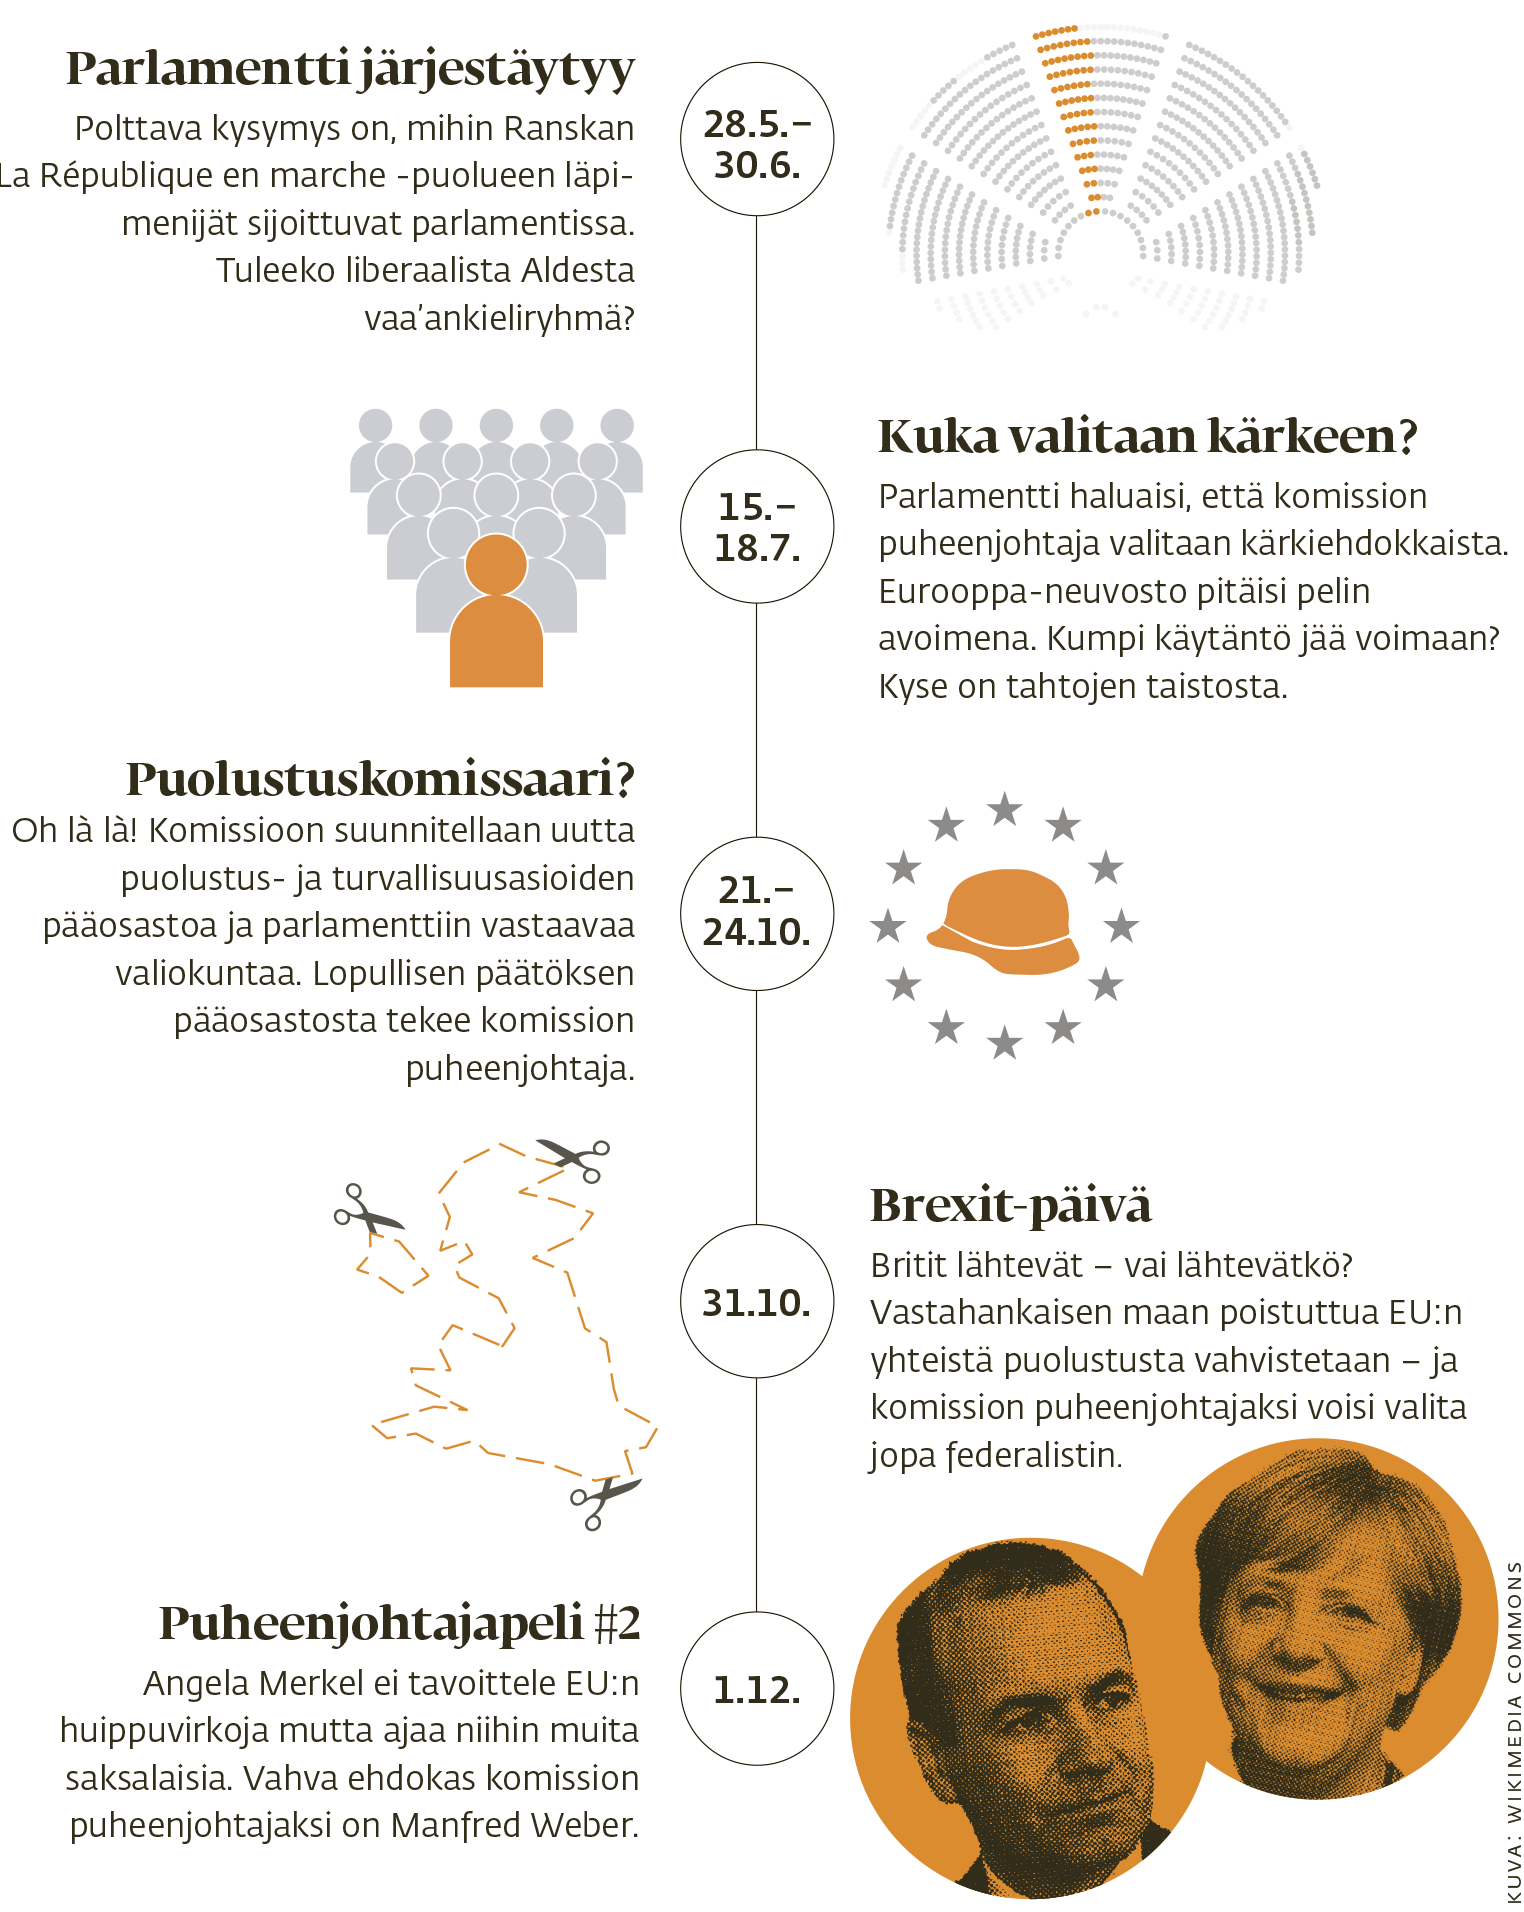 Juttua on päivitetty. Painetussa lehdessä oli esillä Merkelin mahdollinen nousu Eurooppa-neuvoston pysyväksi puheenjohtajaksi.